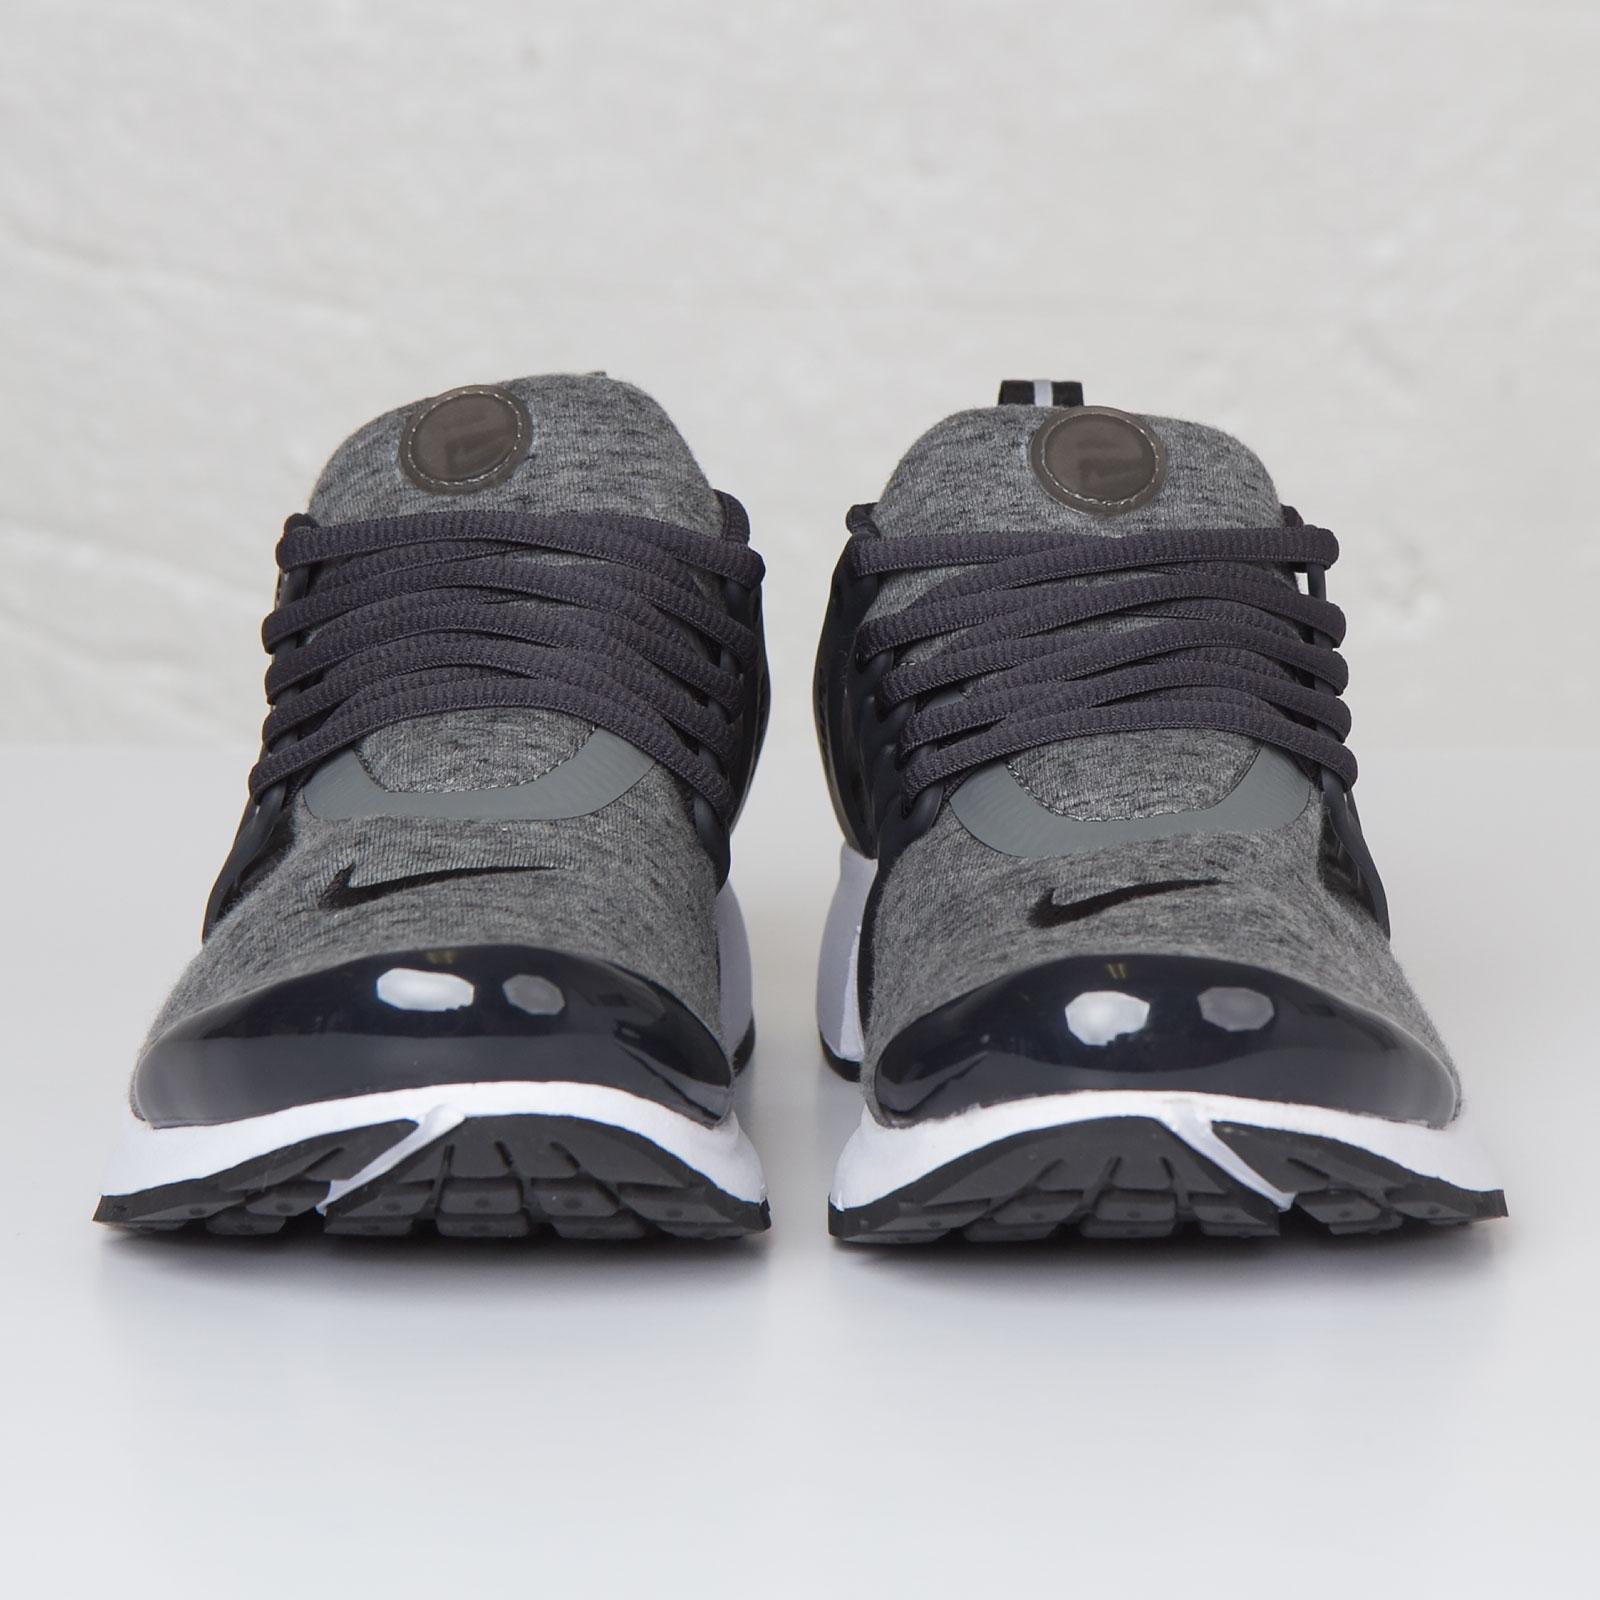 cheaper d633b df199 Nike Air Presto Fleece - 812307-002 - Sneakersnstuff   sneakers    streetwear online since 1999